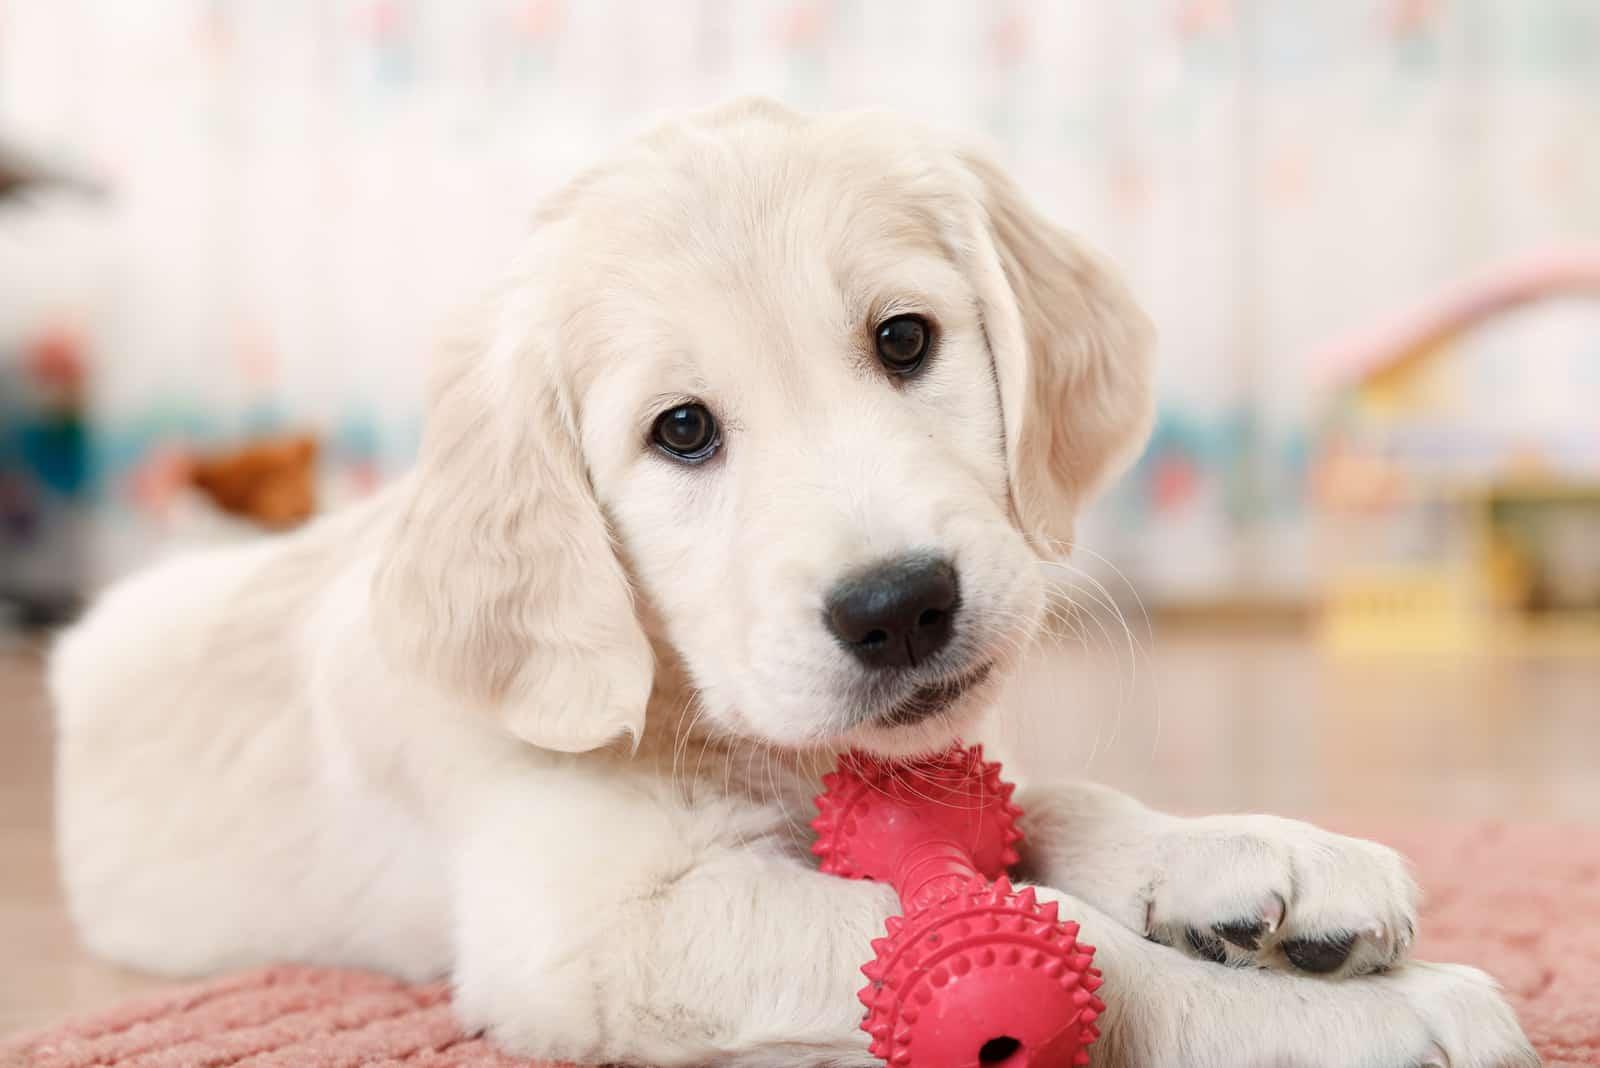 Ein Labrador Retriever Welpe liegt auf dem Boden des Raumes und hat Spaß mit einem Spielzeug